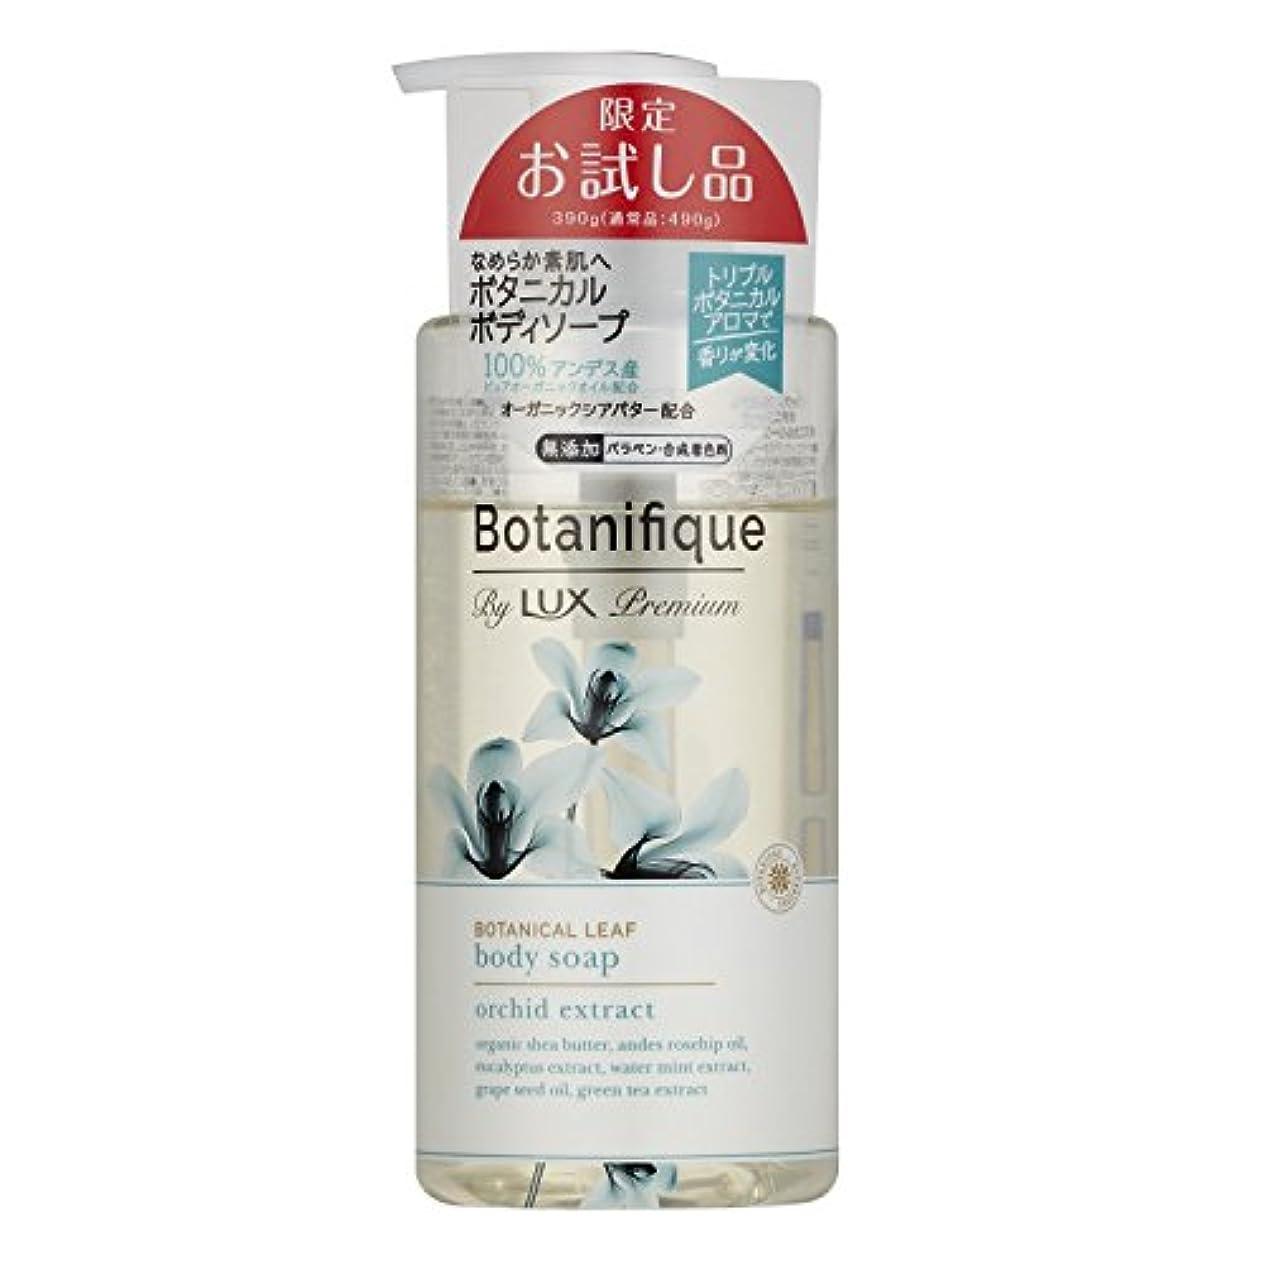 学習者言い訳推定ラックス プレミアム ボタニフィーク ボタニカルリーフ ボディソープ ポンプ(ボタニカルリーフの香り) お試し品 390g